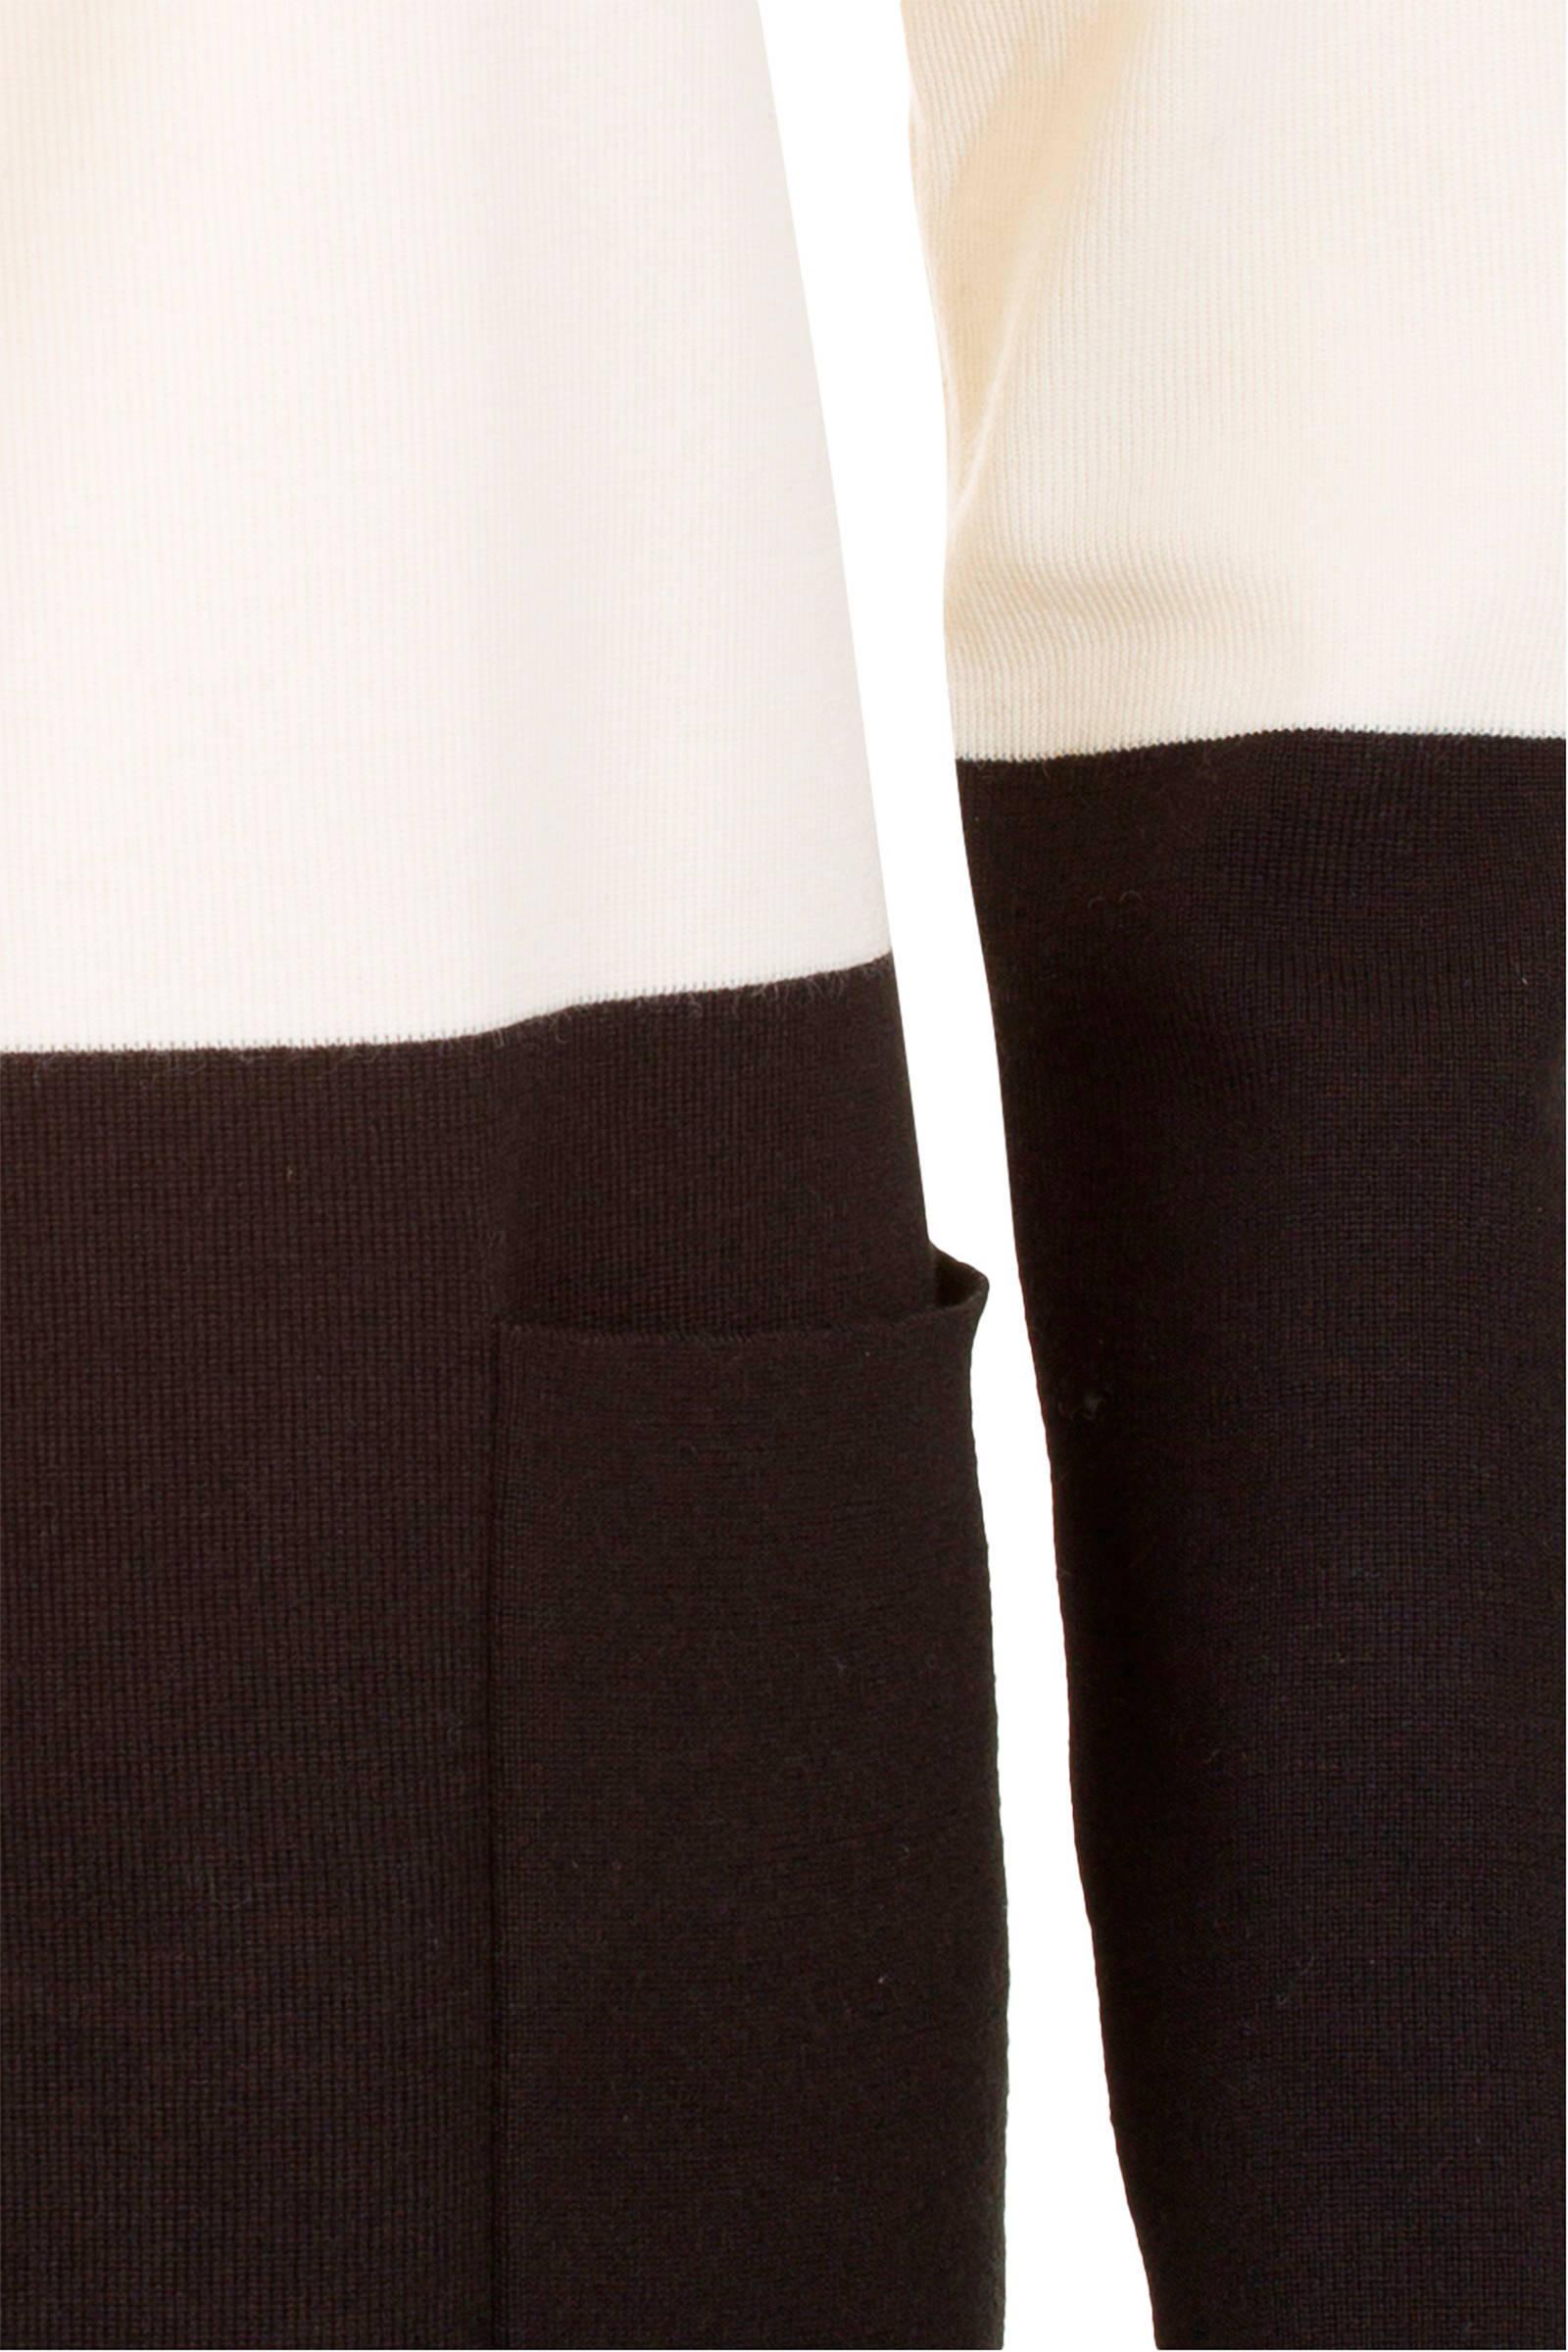 Promiss Vest Met Wol Beige En Zwart P3MezsRW